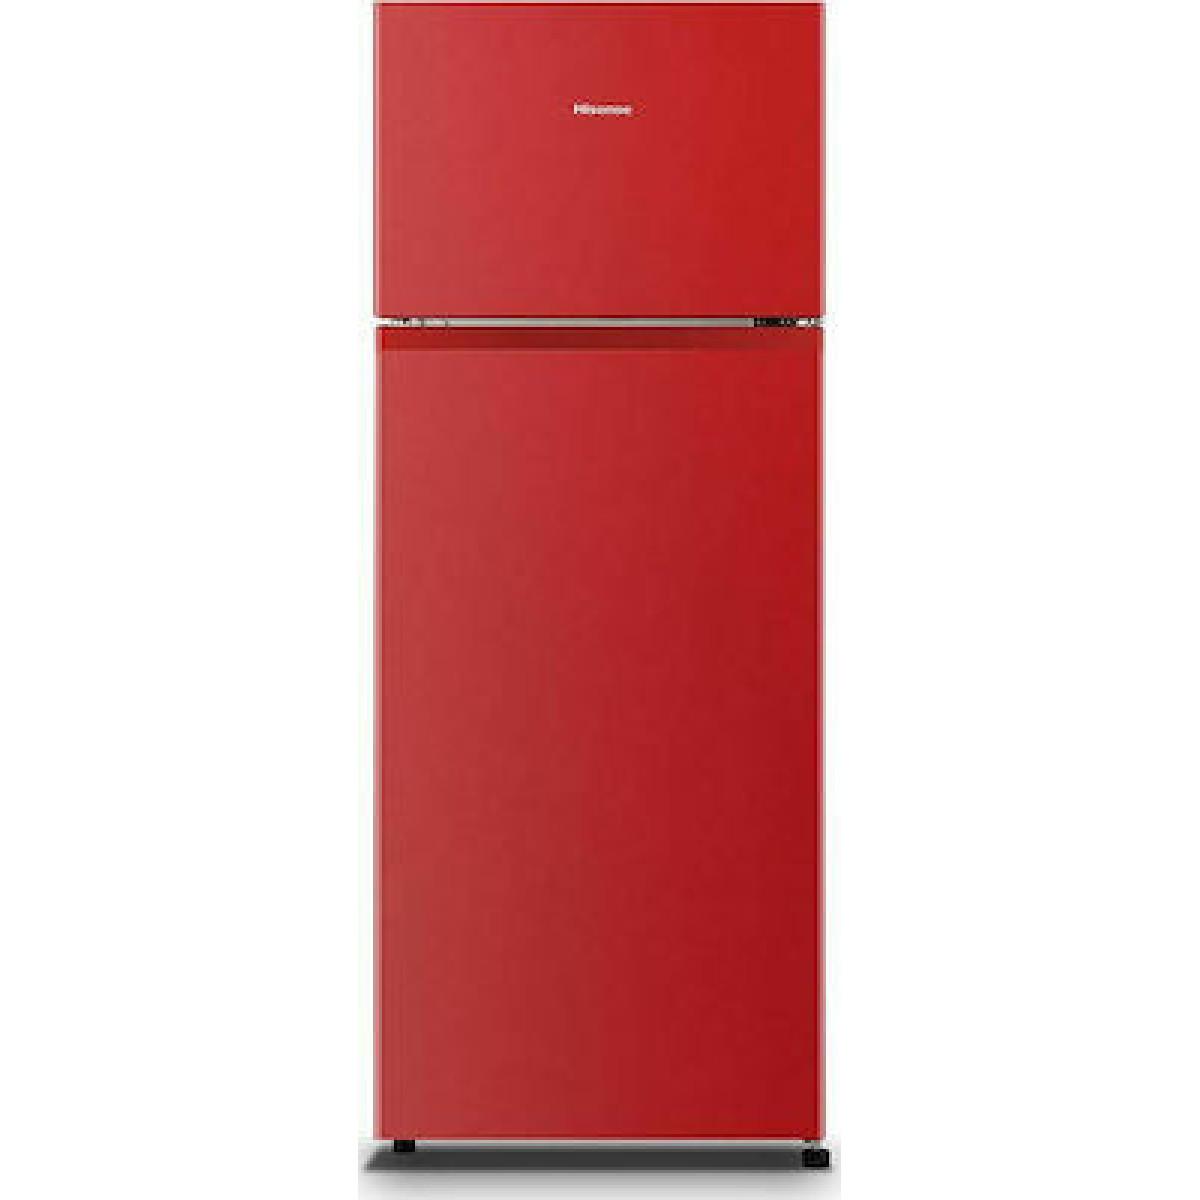 Δίπορτο ψυγείο Hisense RT267D4ARF 205Lt 60cm RED F Ψυγεία δίπορτα